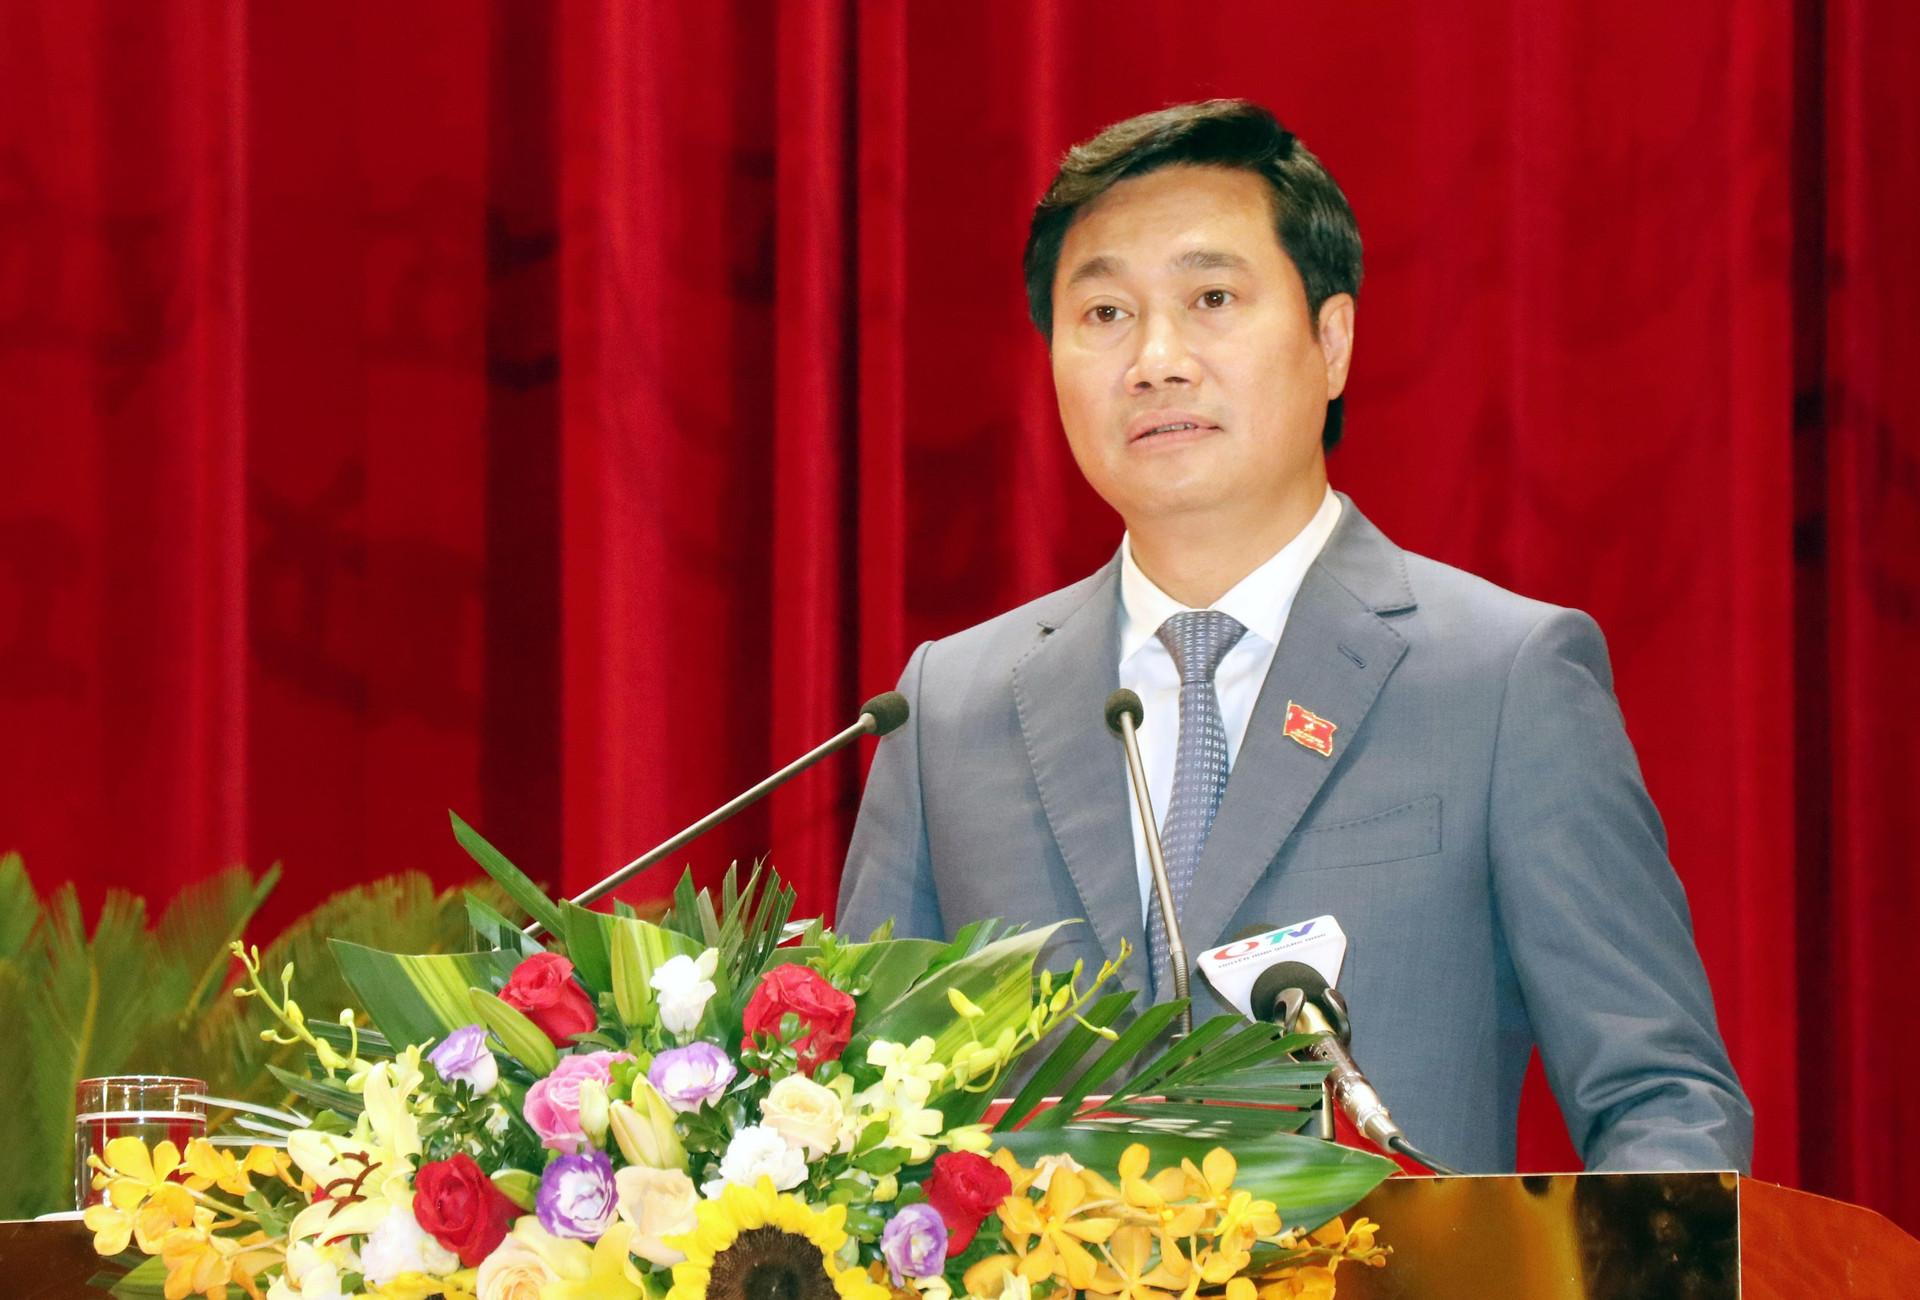 Ông Nguyễn Tường Văn, Chủ tịch Ủy ban Nhân dân tỉnh Quảng Ninh nhiệm kỳ 2021-2026. (Ảnh: Văn Đức/TTXVN)